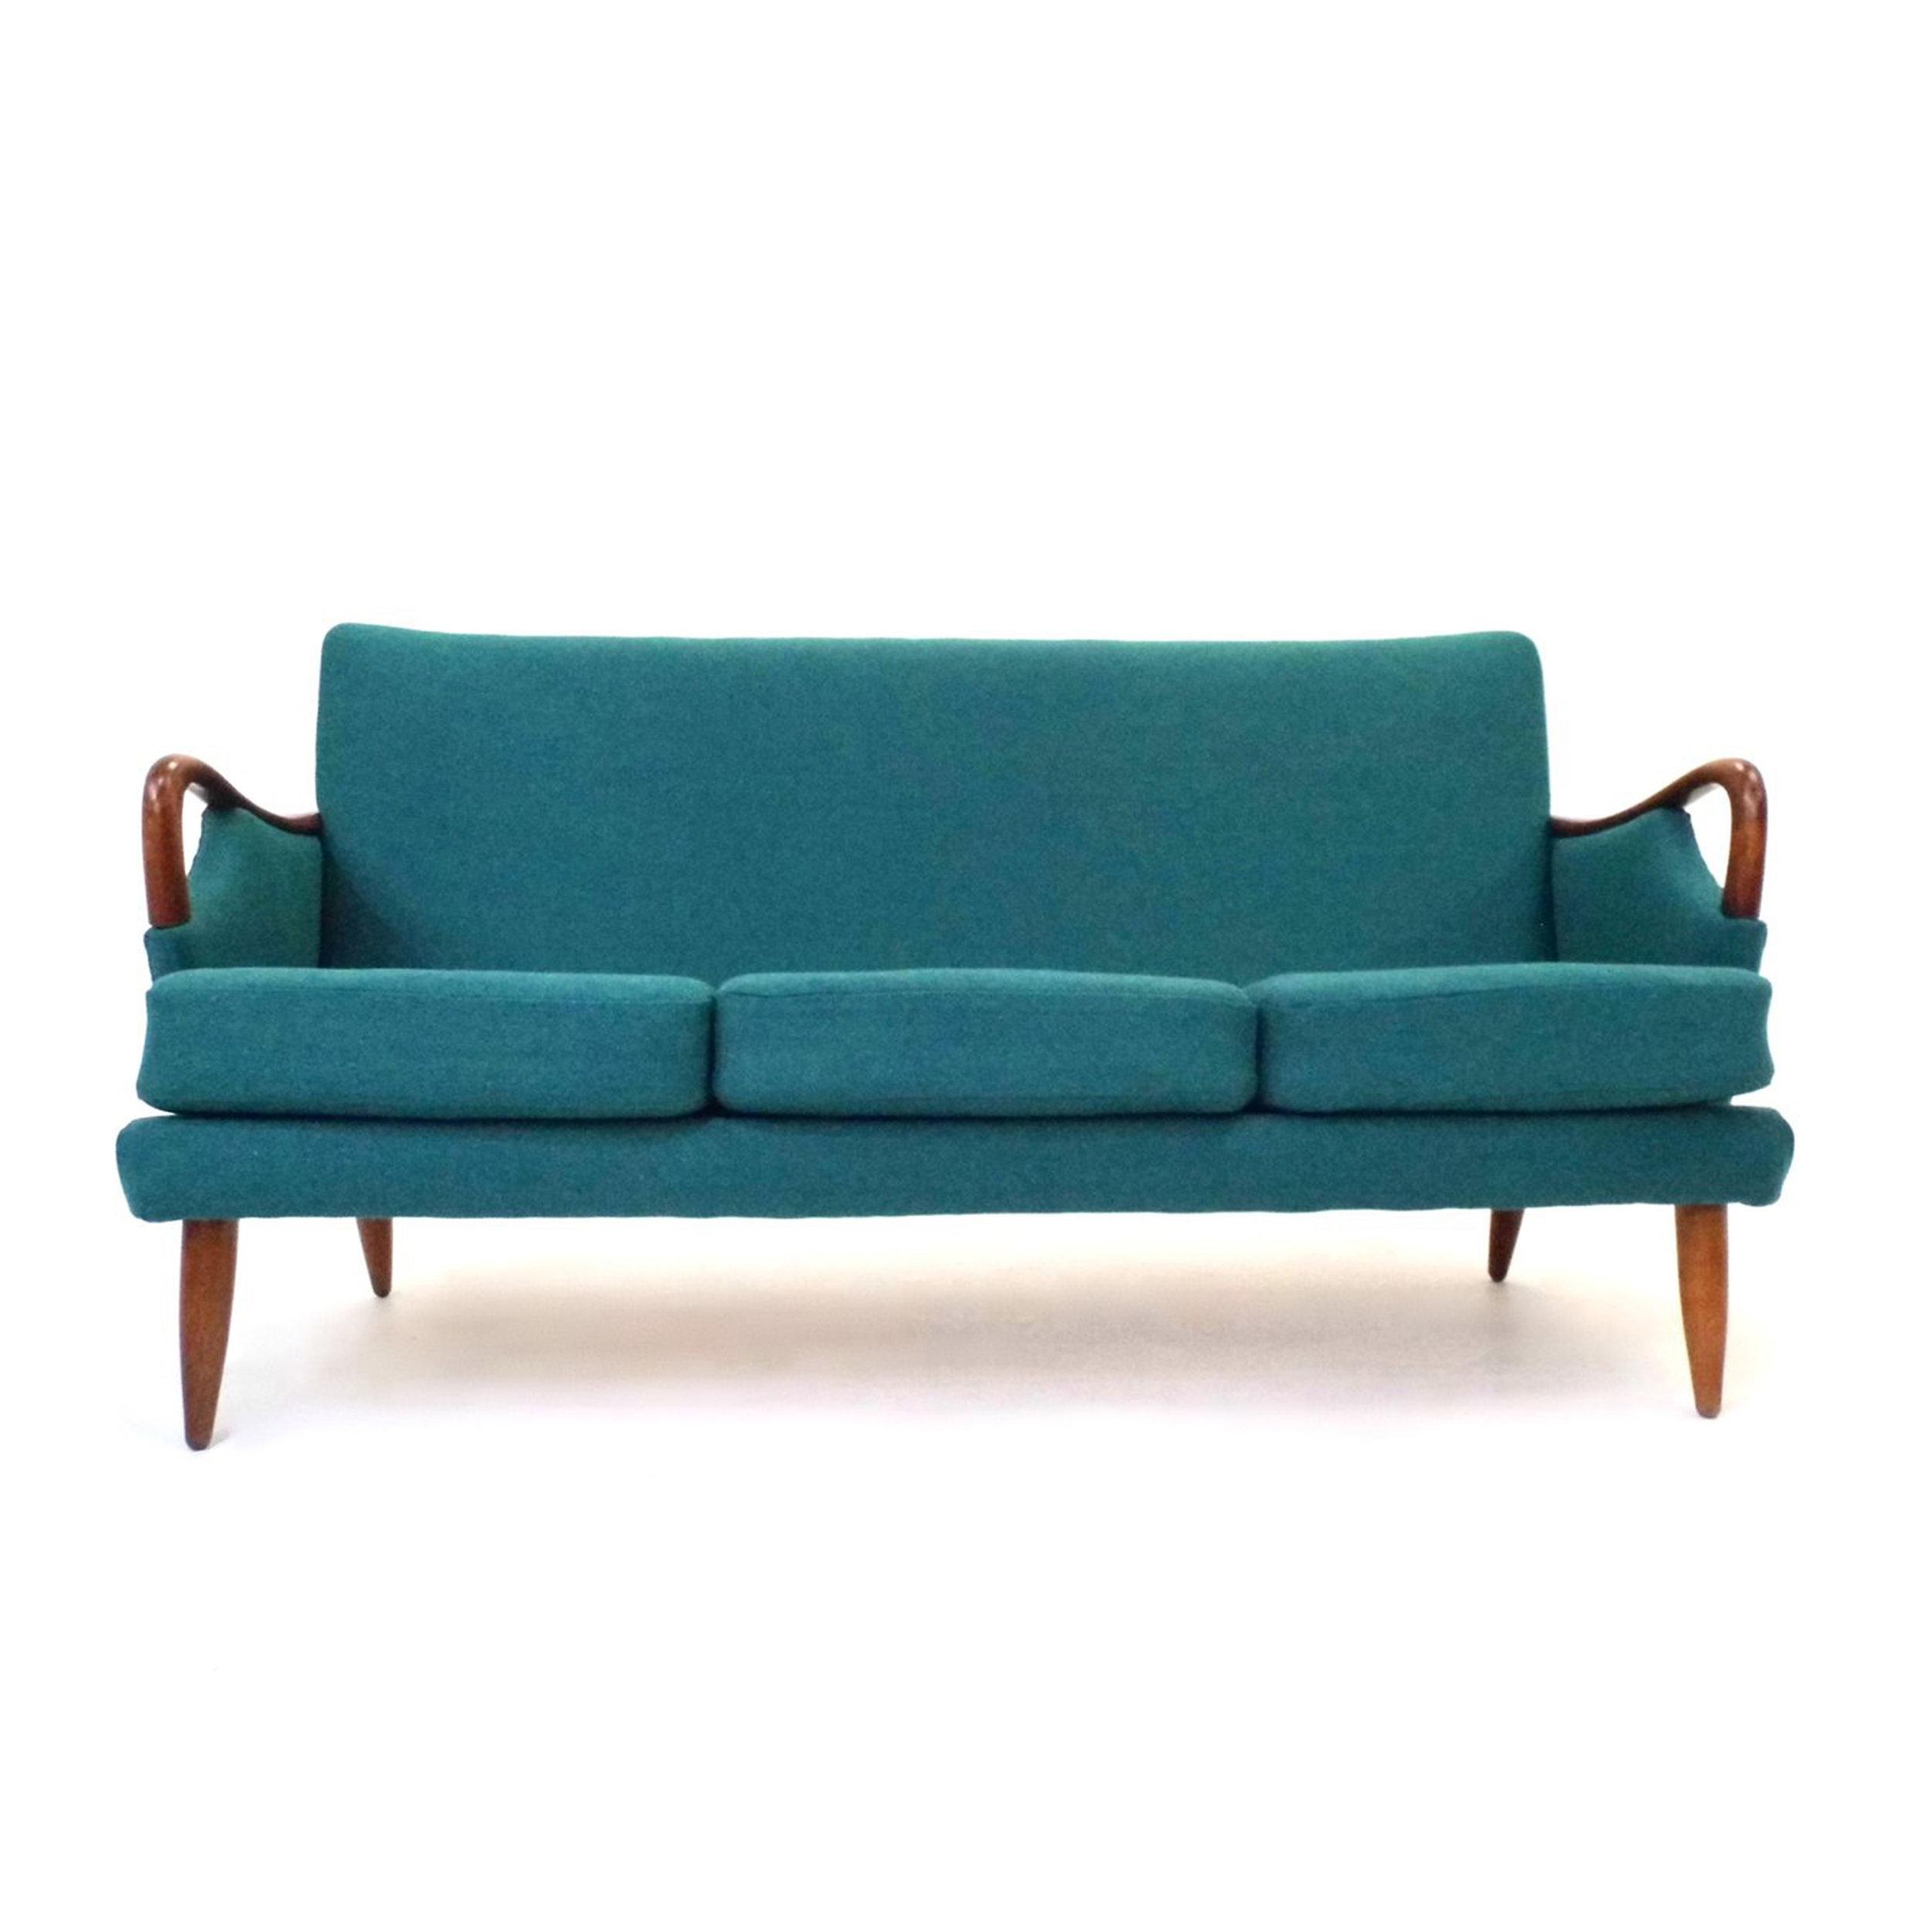 upholster6.jpg